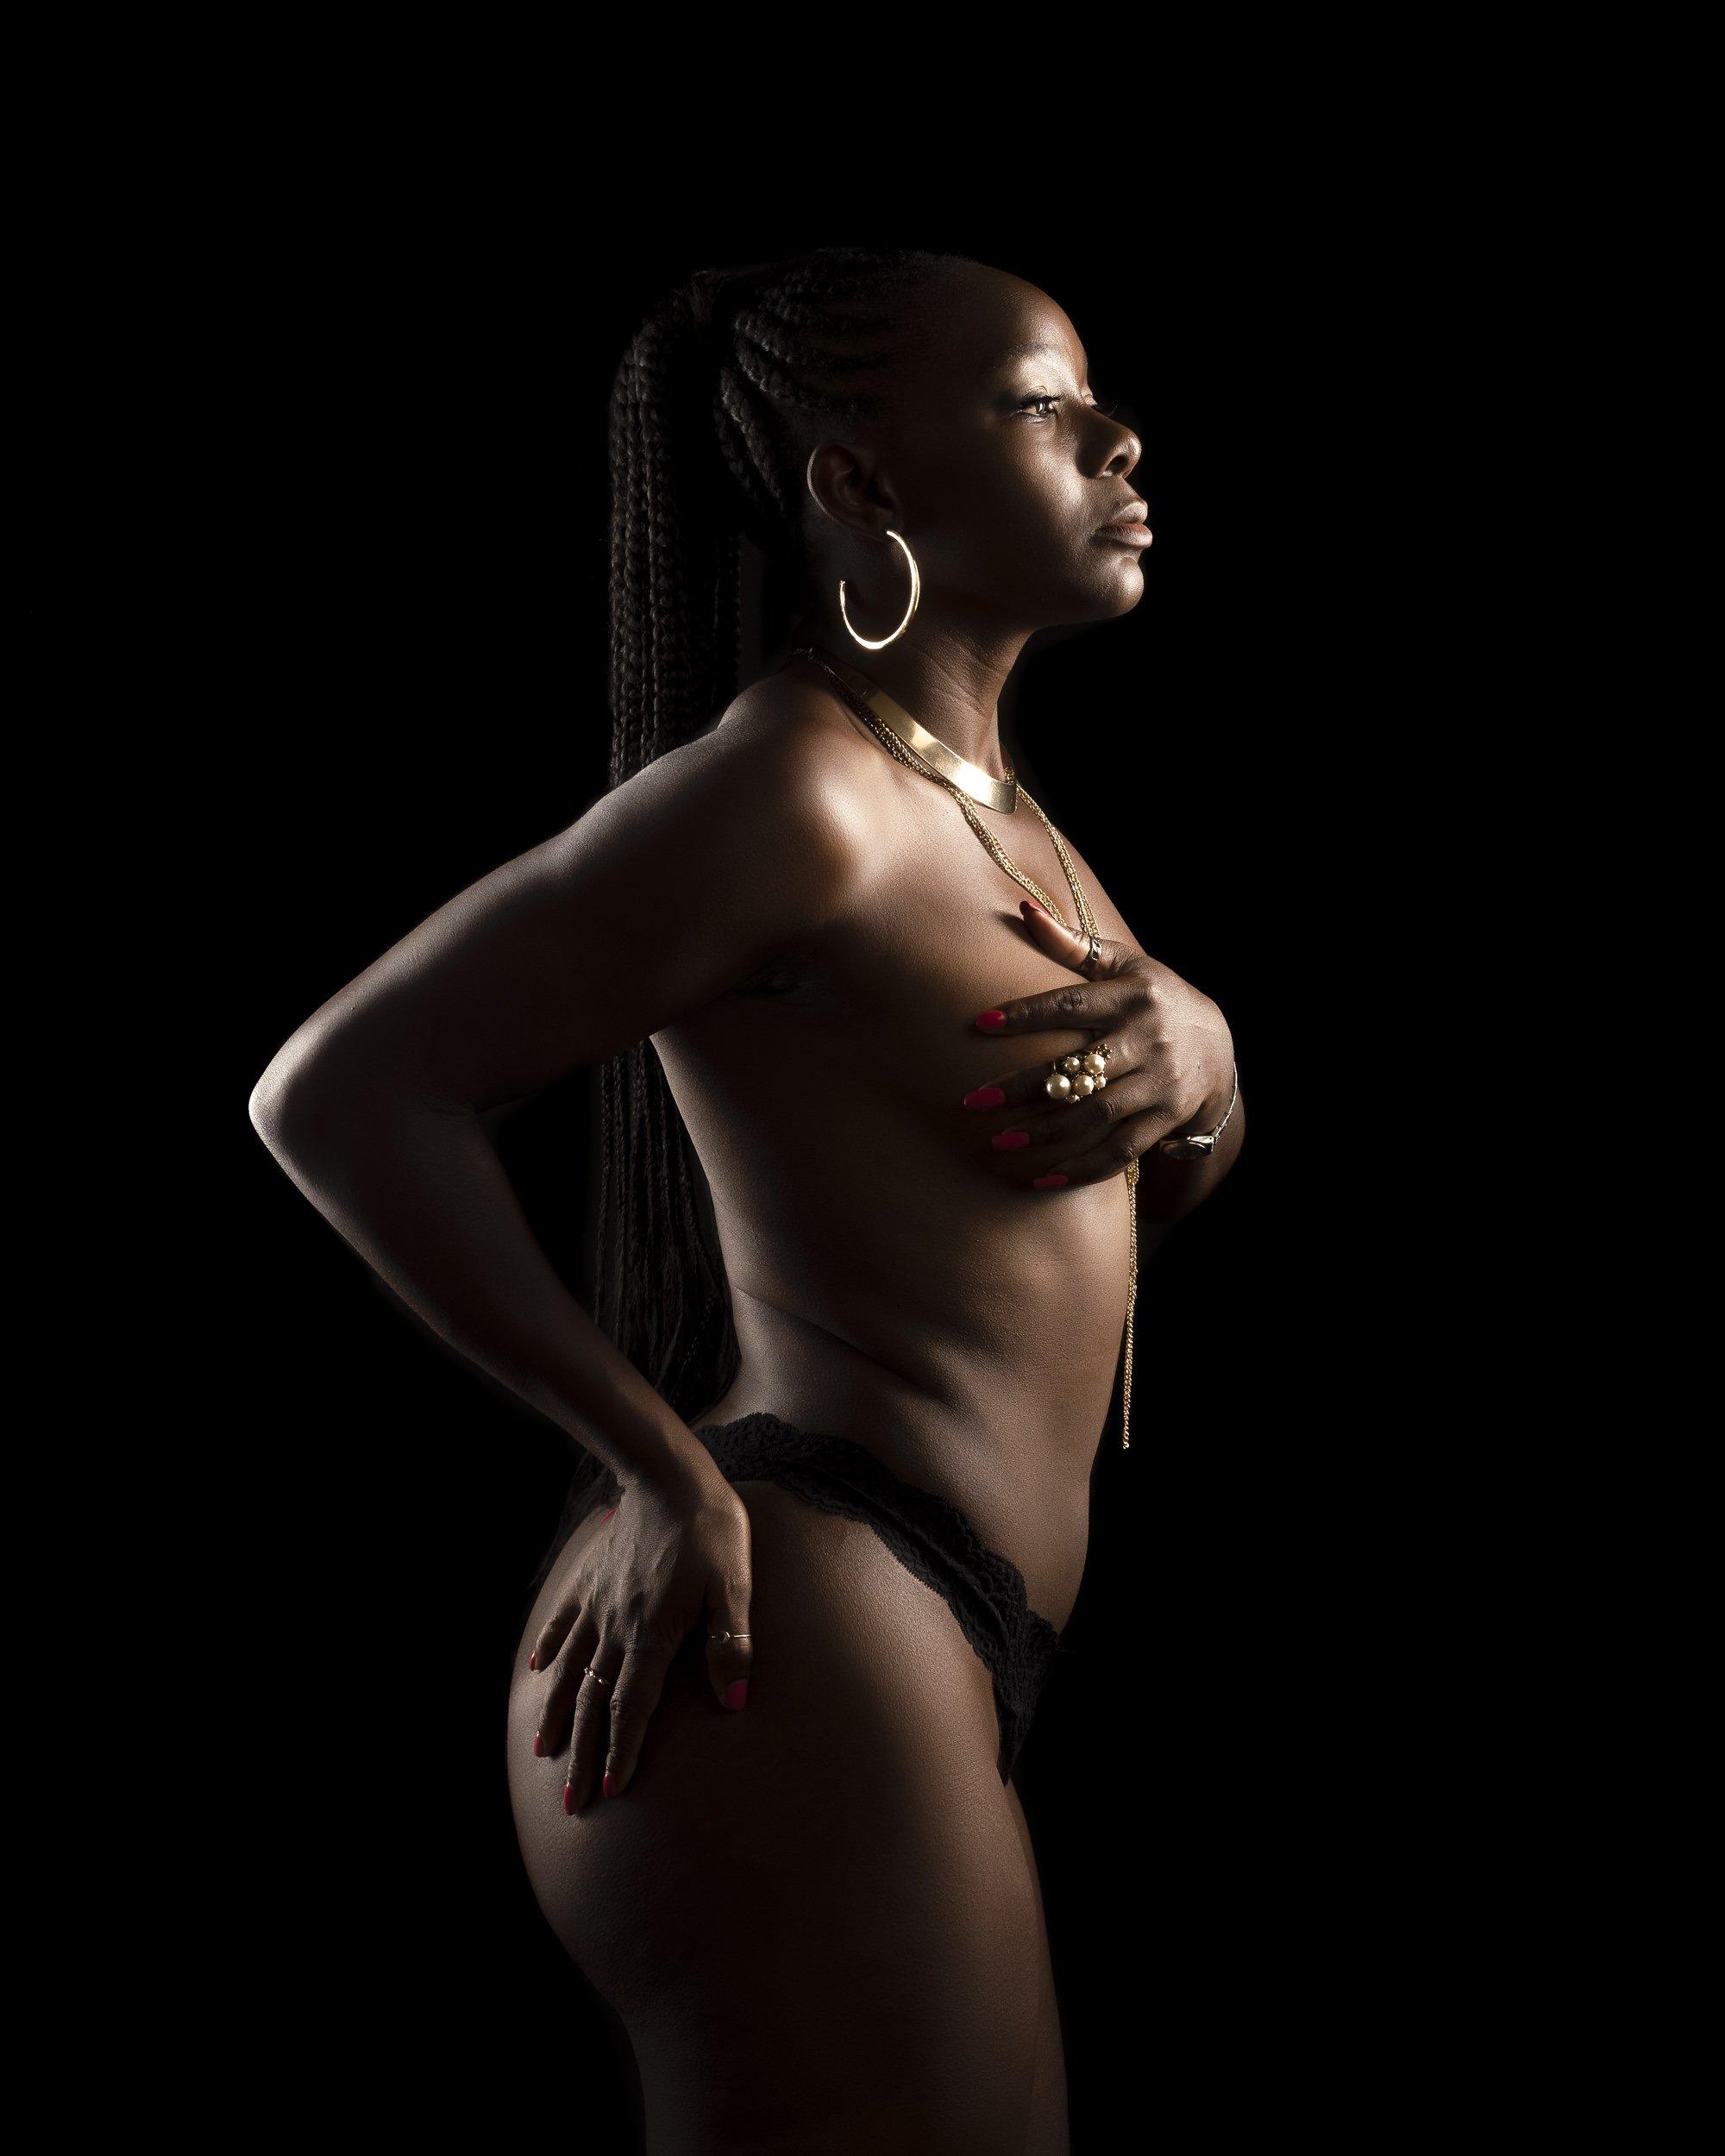 semi nude boudoir photography